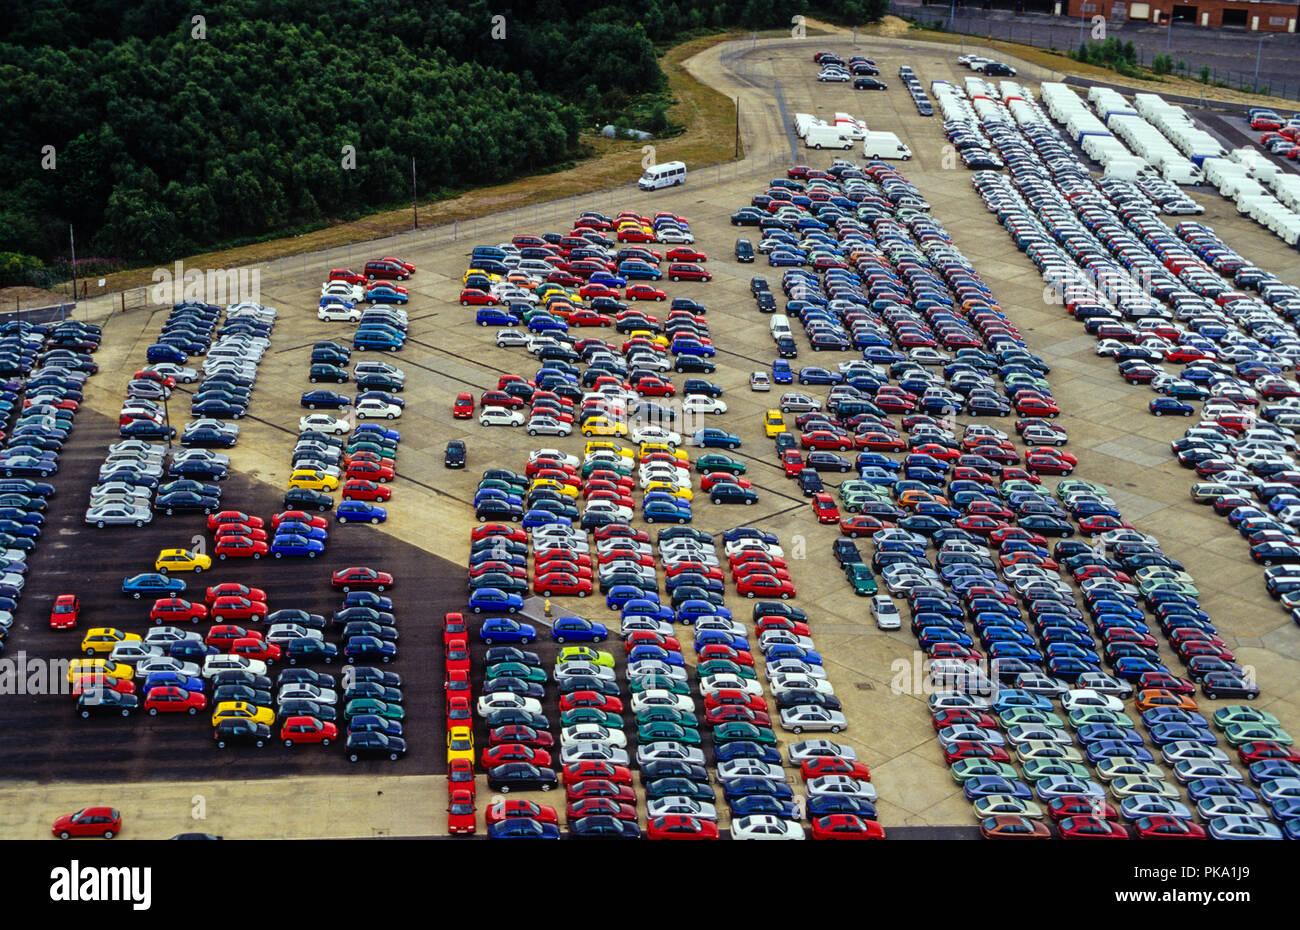 Vue aérienne, Location de stockage, nouveau parc Greenham, Greenham Common, Newbury, Berkshire, Angleterre, RU, FR. Banque D'Images